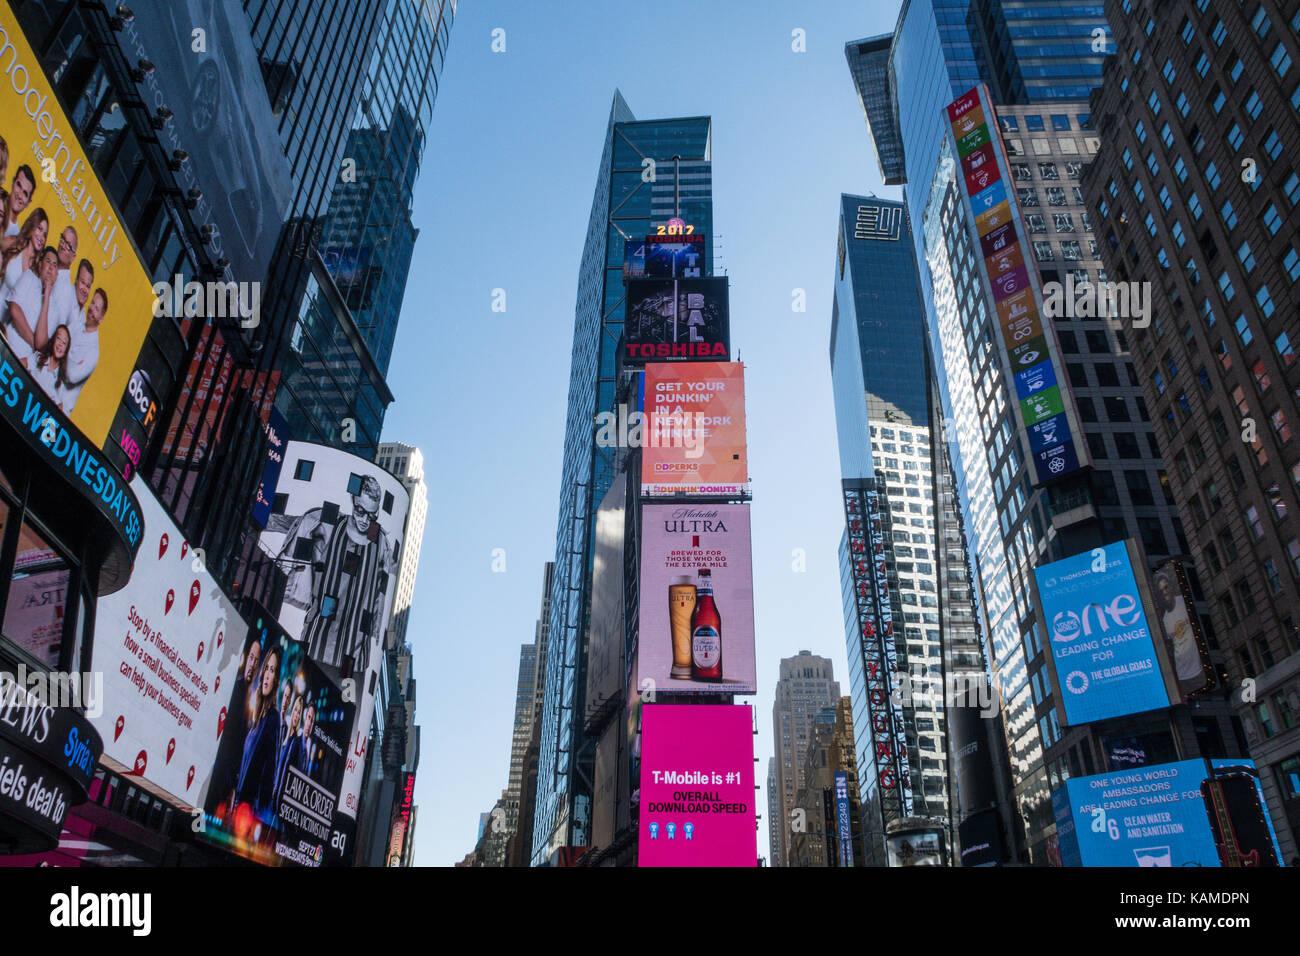 Electrónica de vallas publicitarias en Times Square, Nueva York, EE.UU. Imagen De Stock